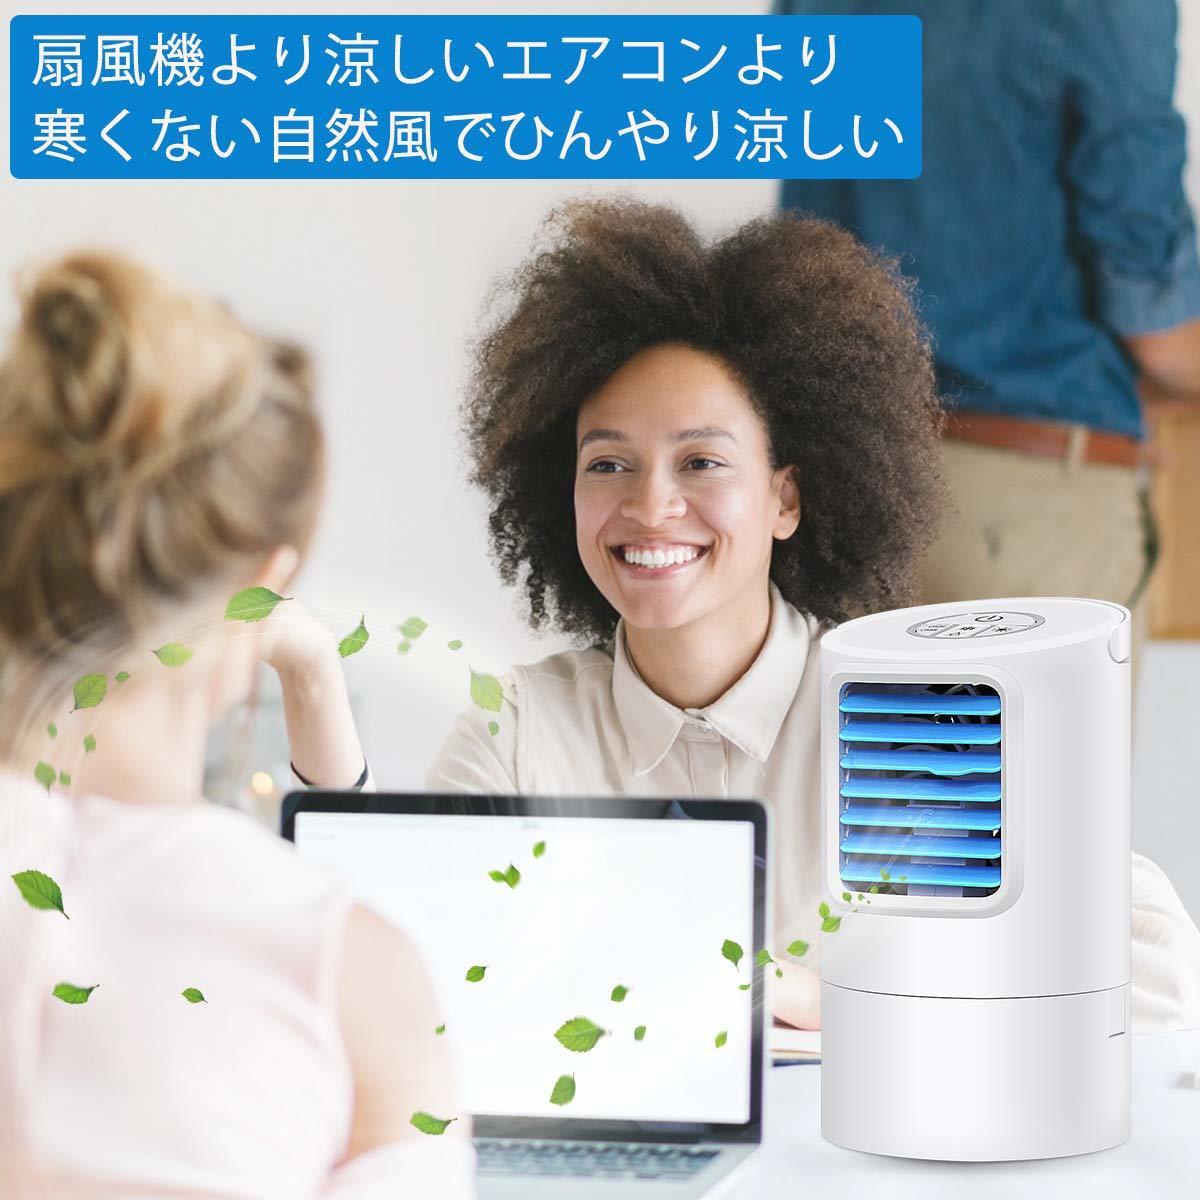 送料無料♪【0119】冷風扇 冷風機 卓上 扇風機 省エネ ミニファンポータブル エアコン 小型クーラー 冷却 空気清浄機 日本語取扱説明書_画像4